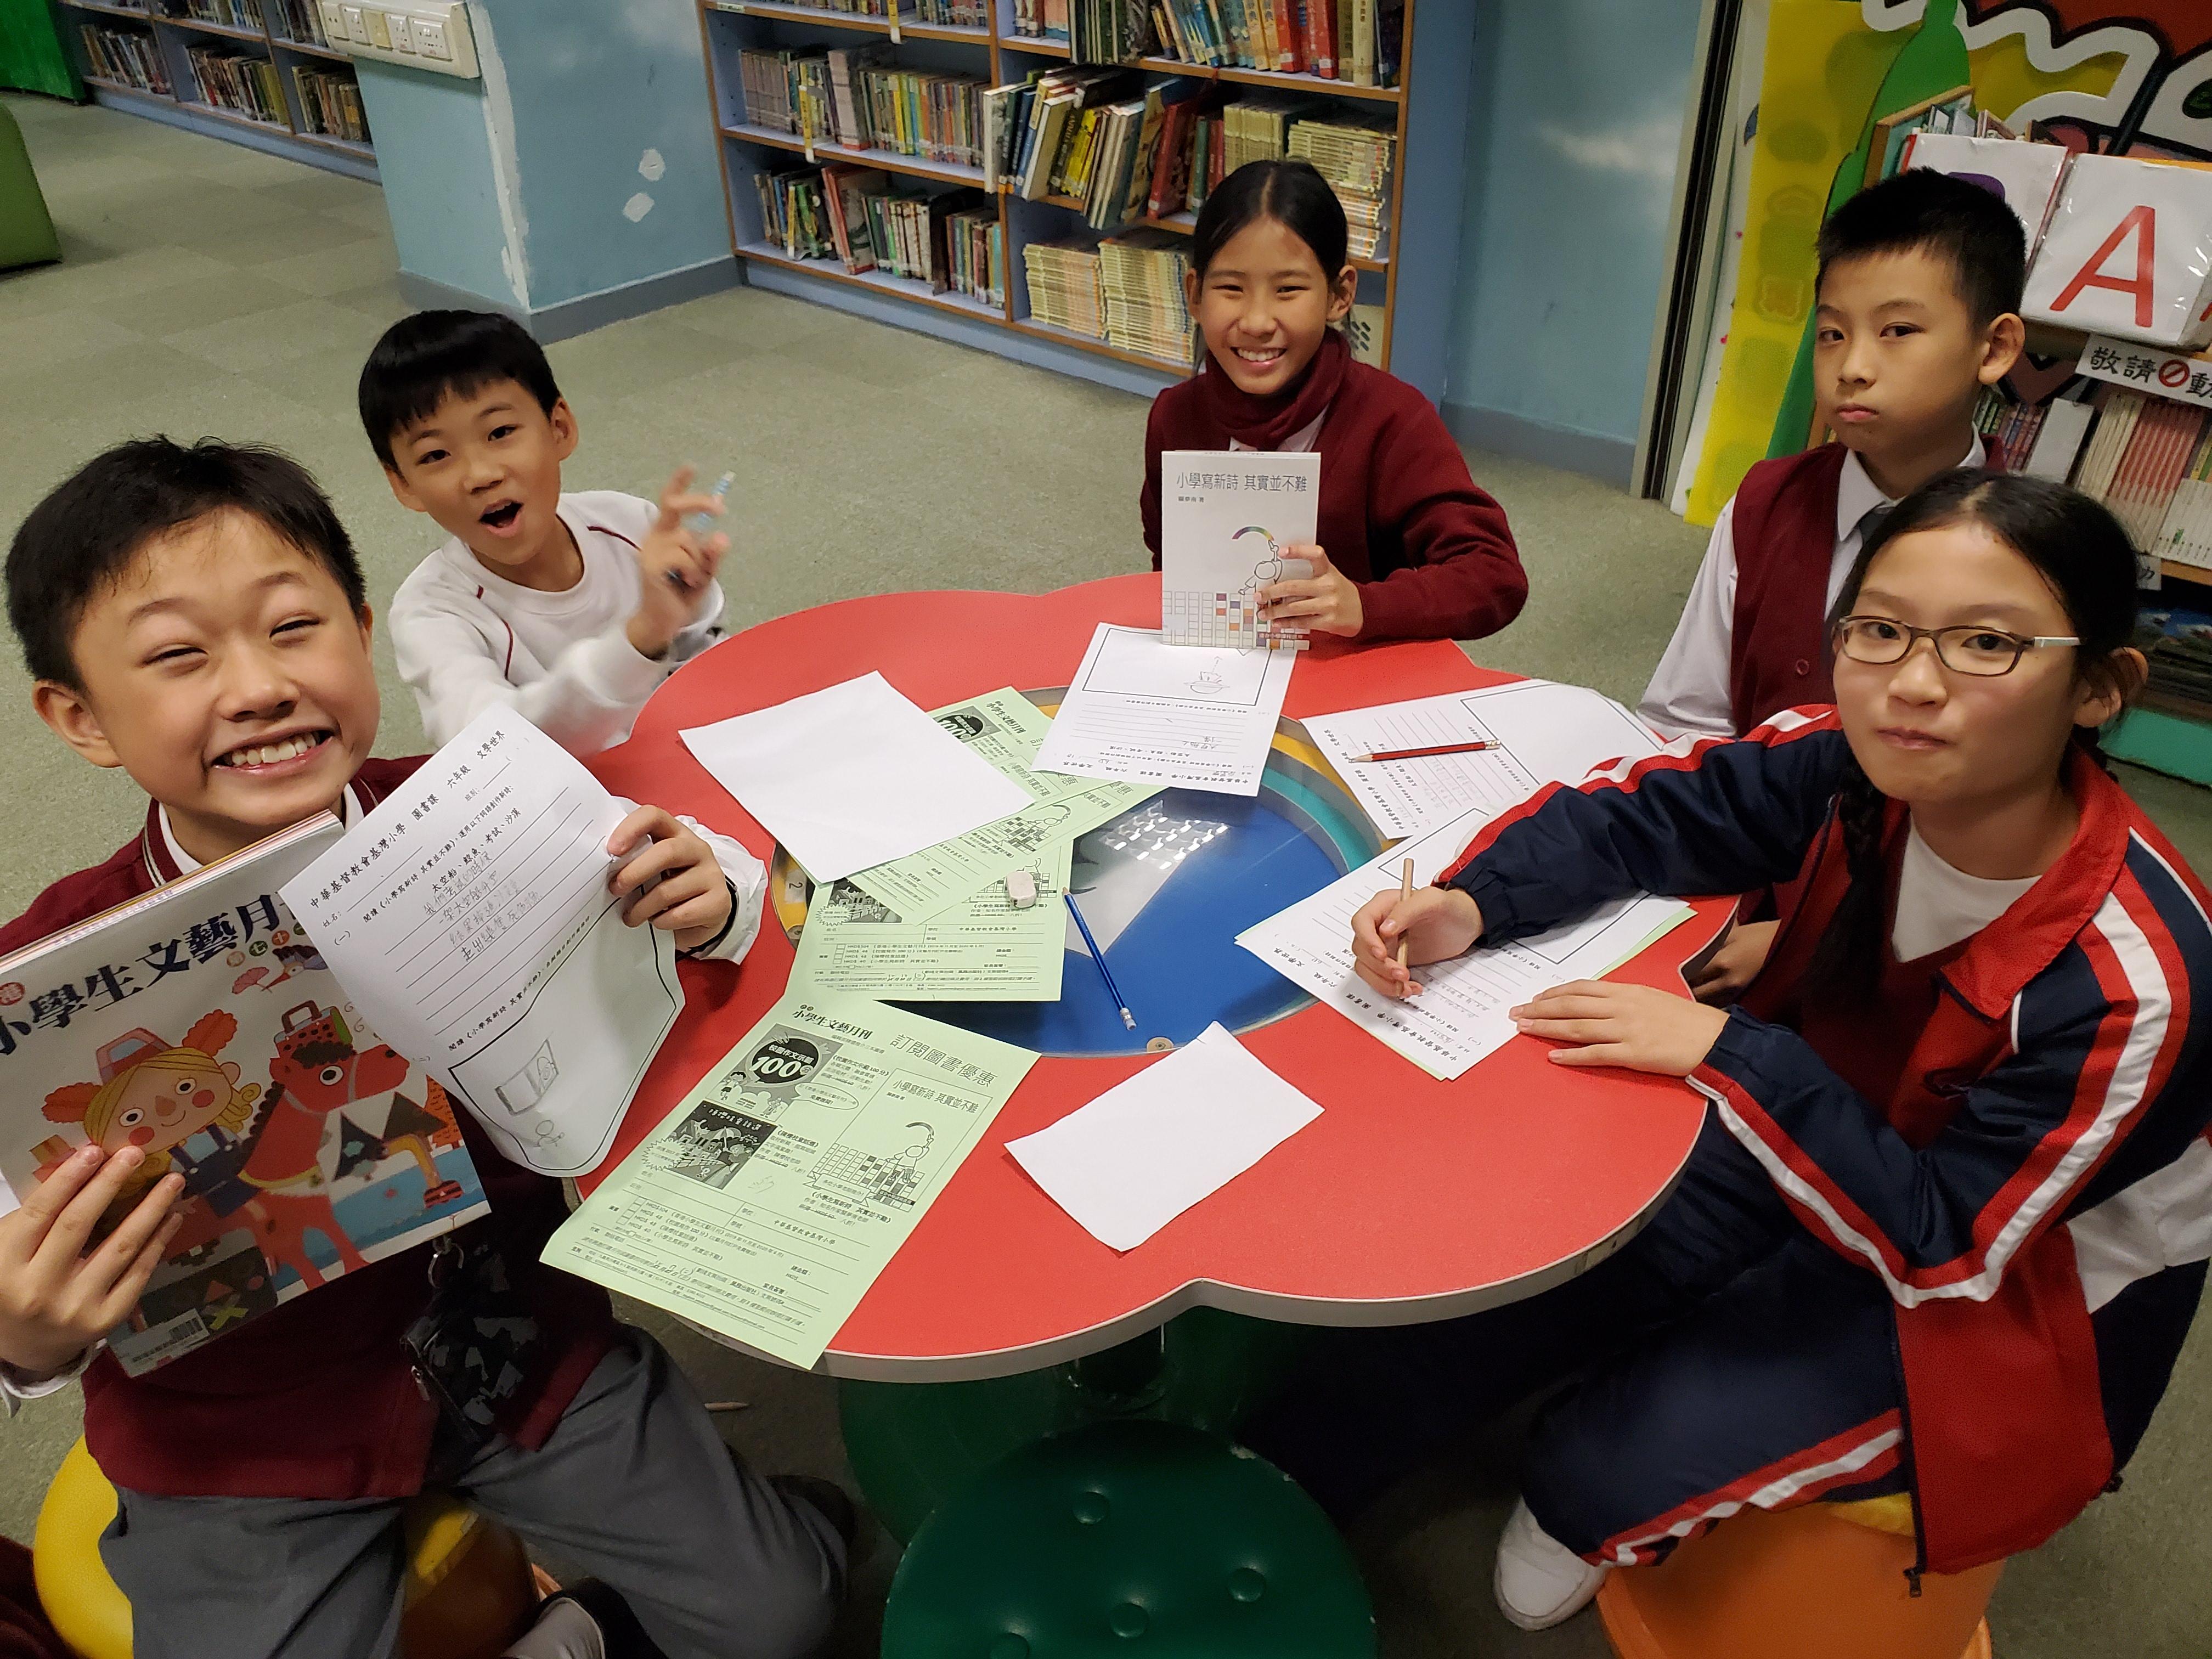 http://www.keiwan.edu.hk/sites/default/files/20191216_112511.jpg